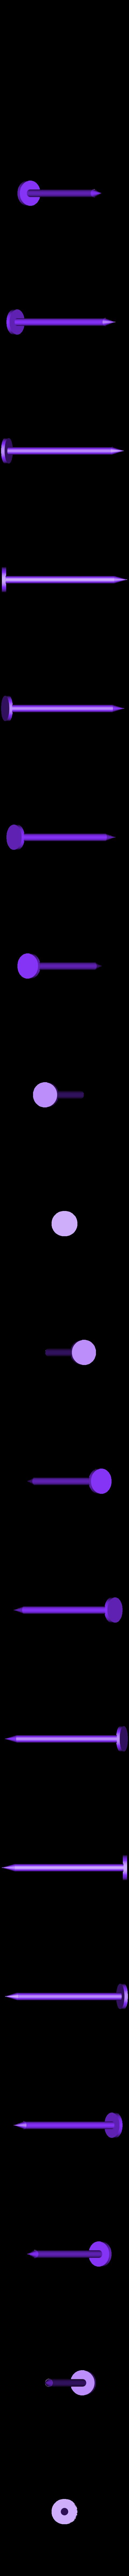 Caulk_Tube_Nail_Plug_-_Vert.stl Télécharger fichier STL gratuit Bouchon à clou pour tube de calfeutrage • Design imprimable en 3D, Mr_Tantrum